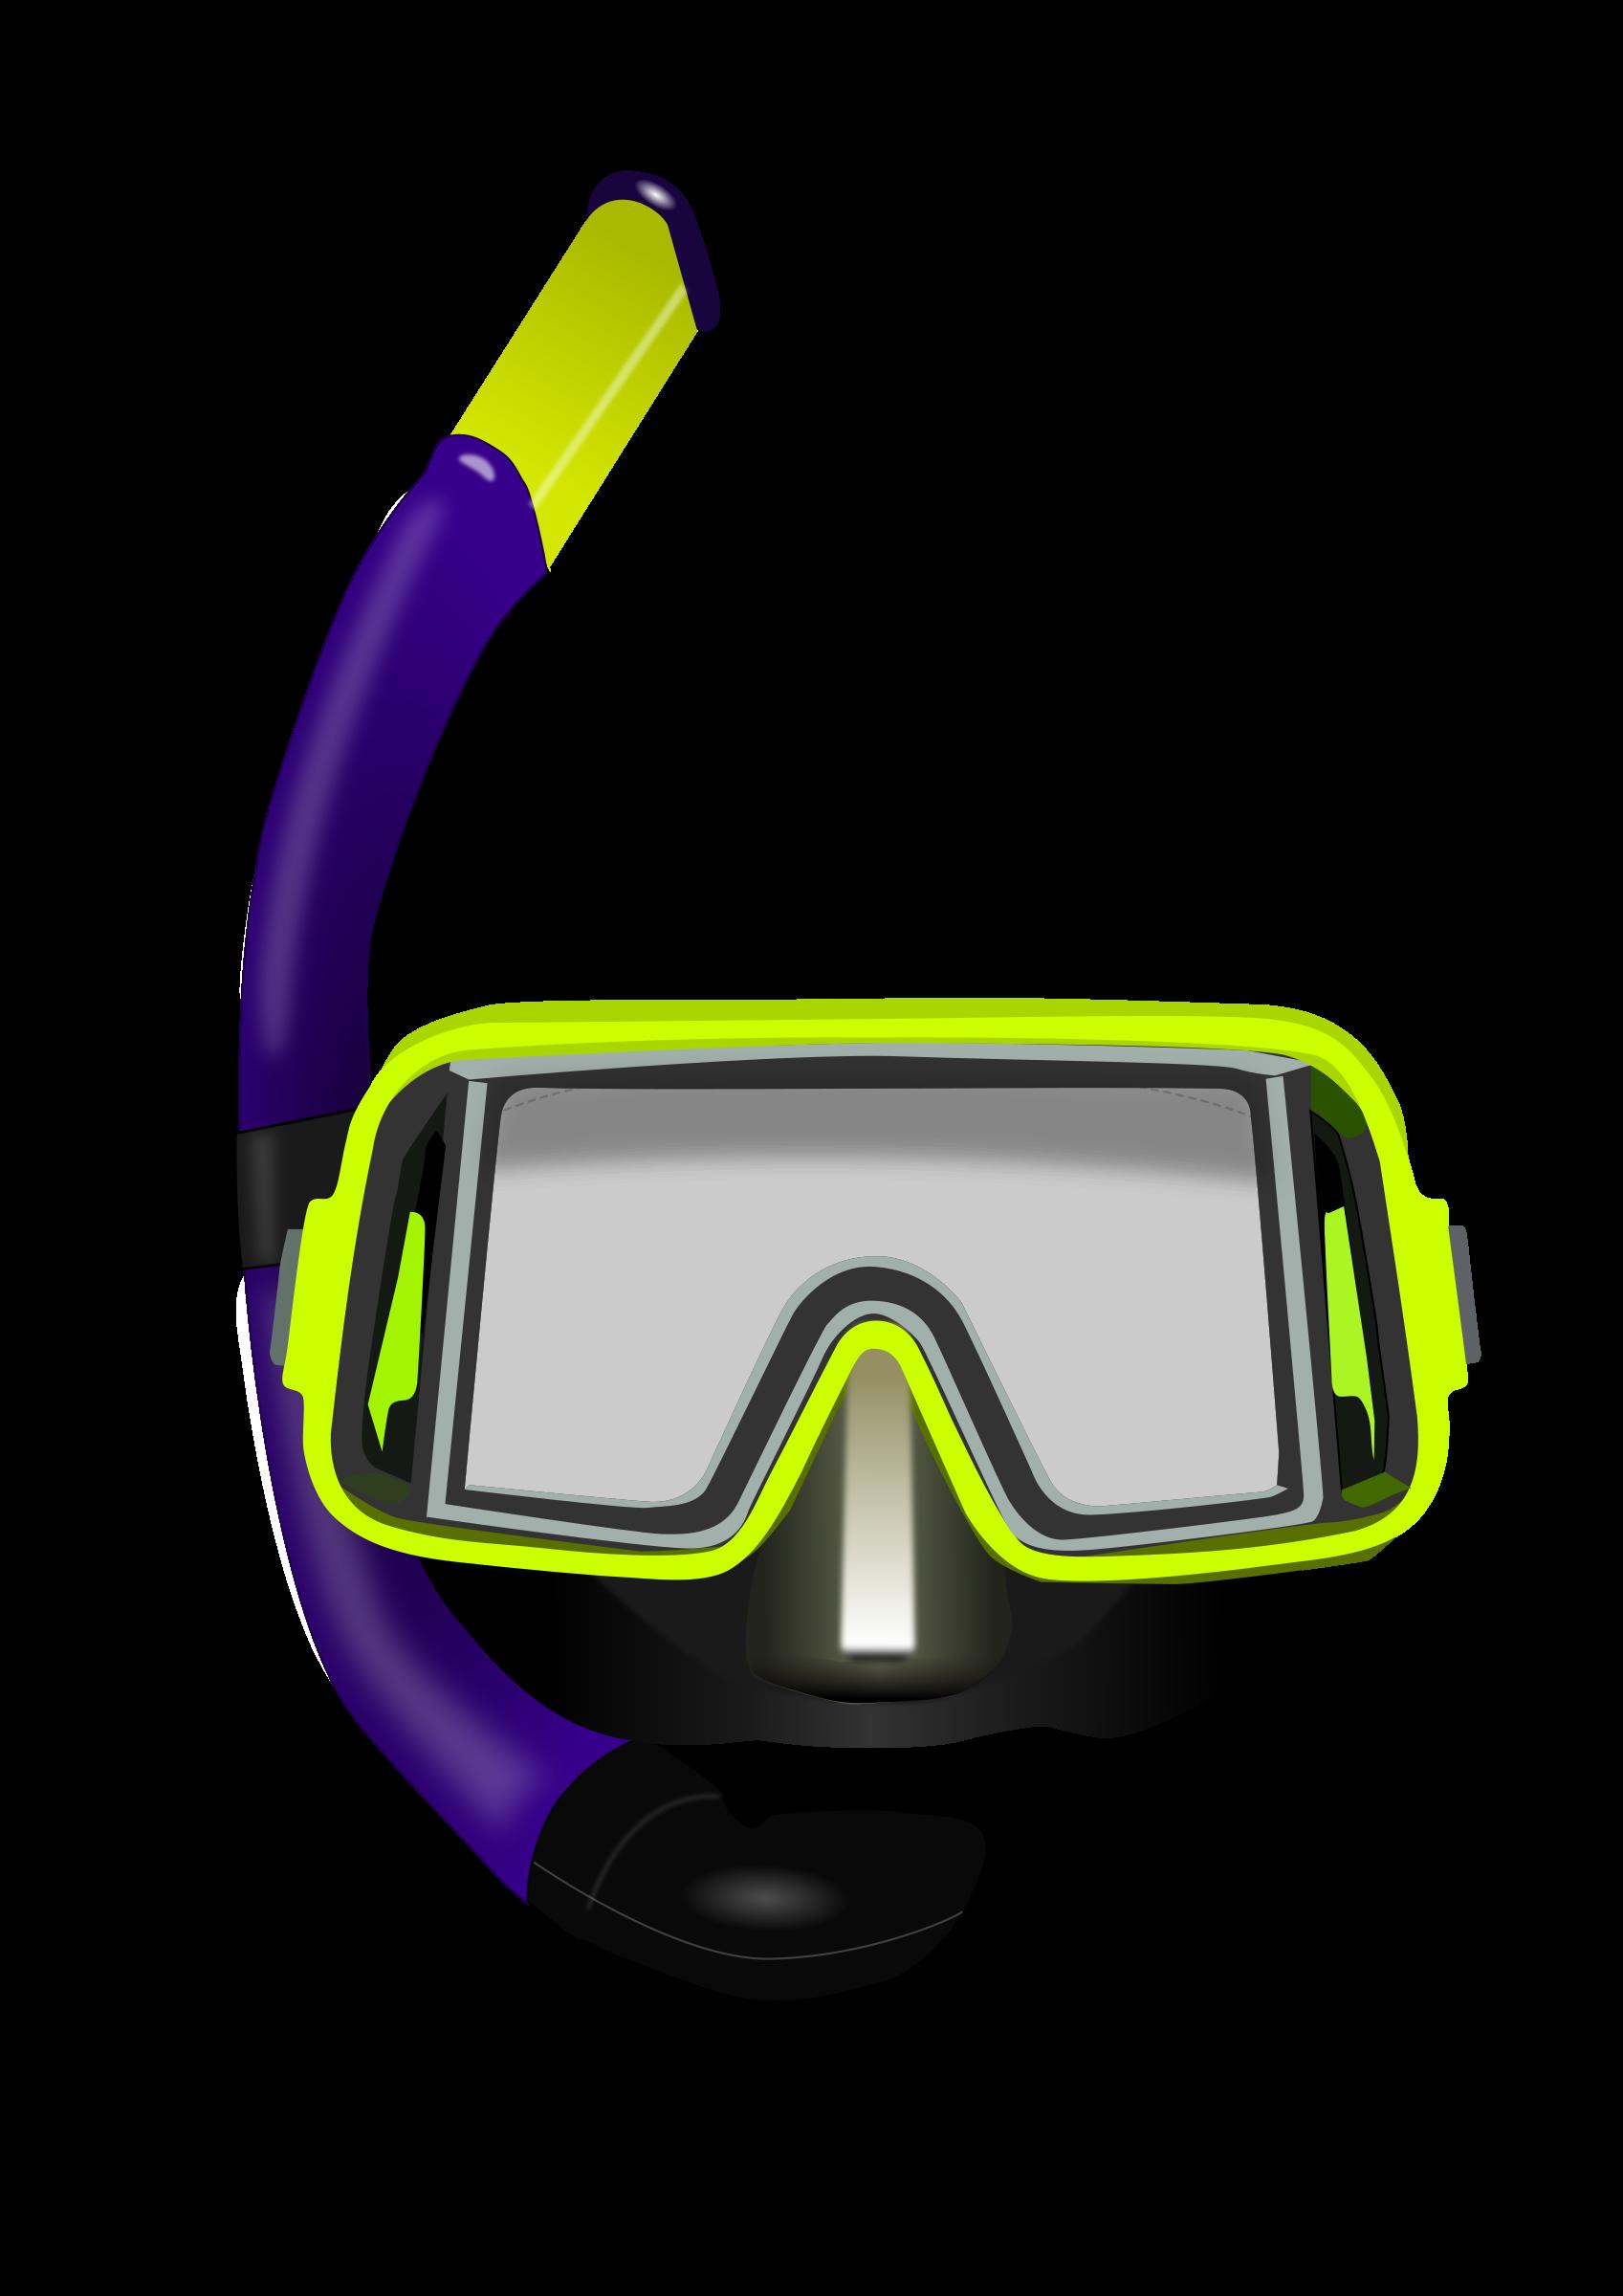 Gear clipart scuba diving. Glasses big image png